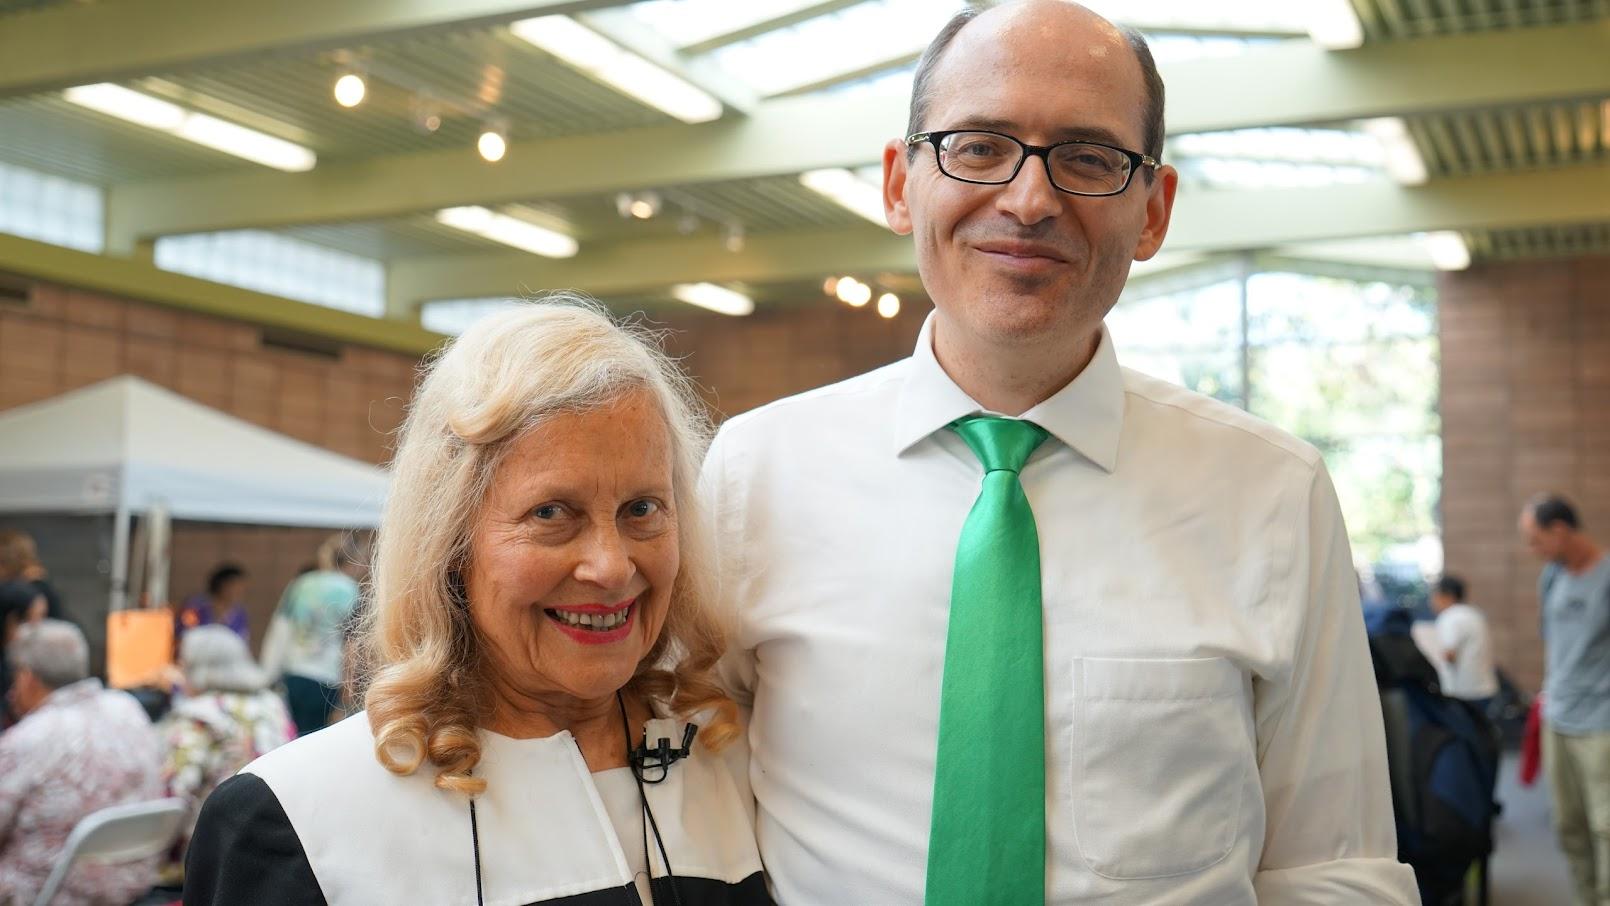 Shirley Potasz interviews Michael Beder, MD